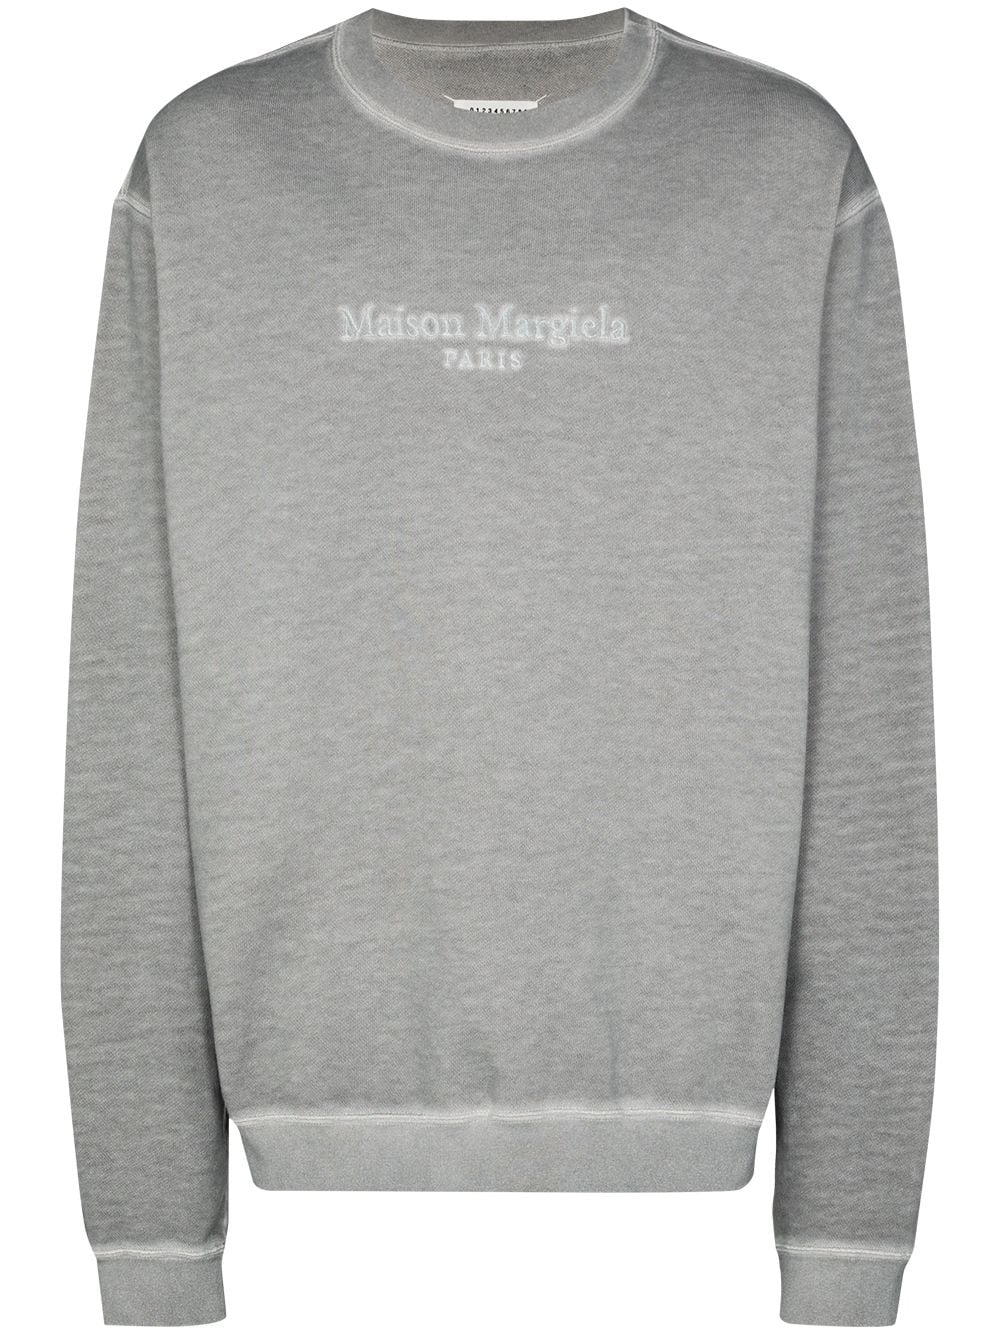 Cotton Blend Resin Dye Logo Sweatshirt